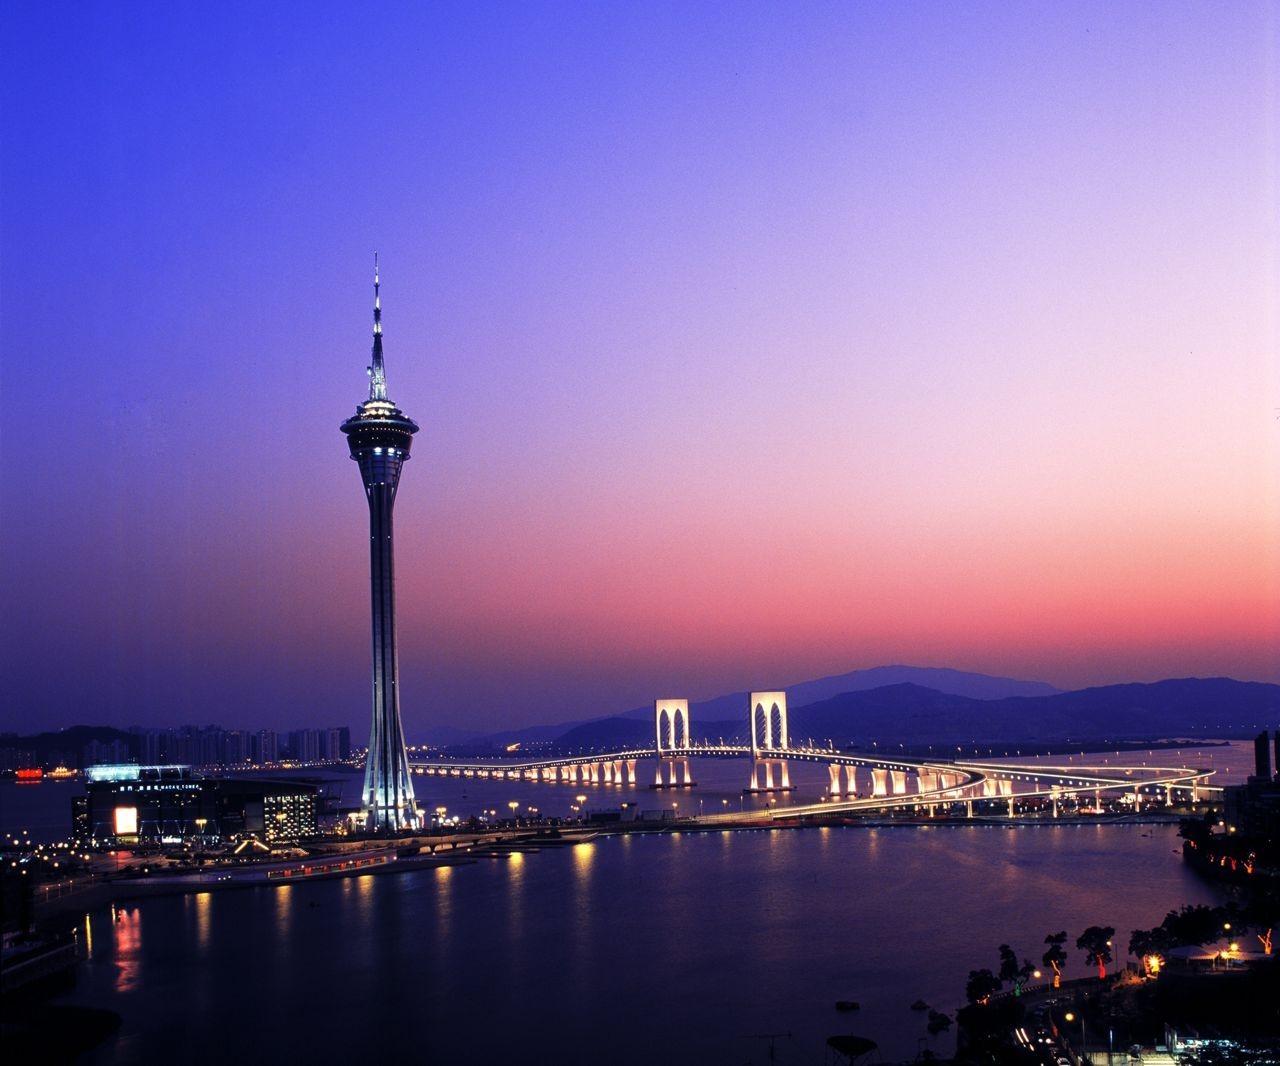 Vista de Macau (foto: ajhackett.com/Divulgação)